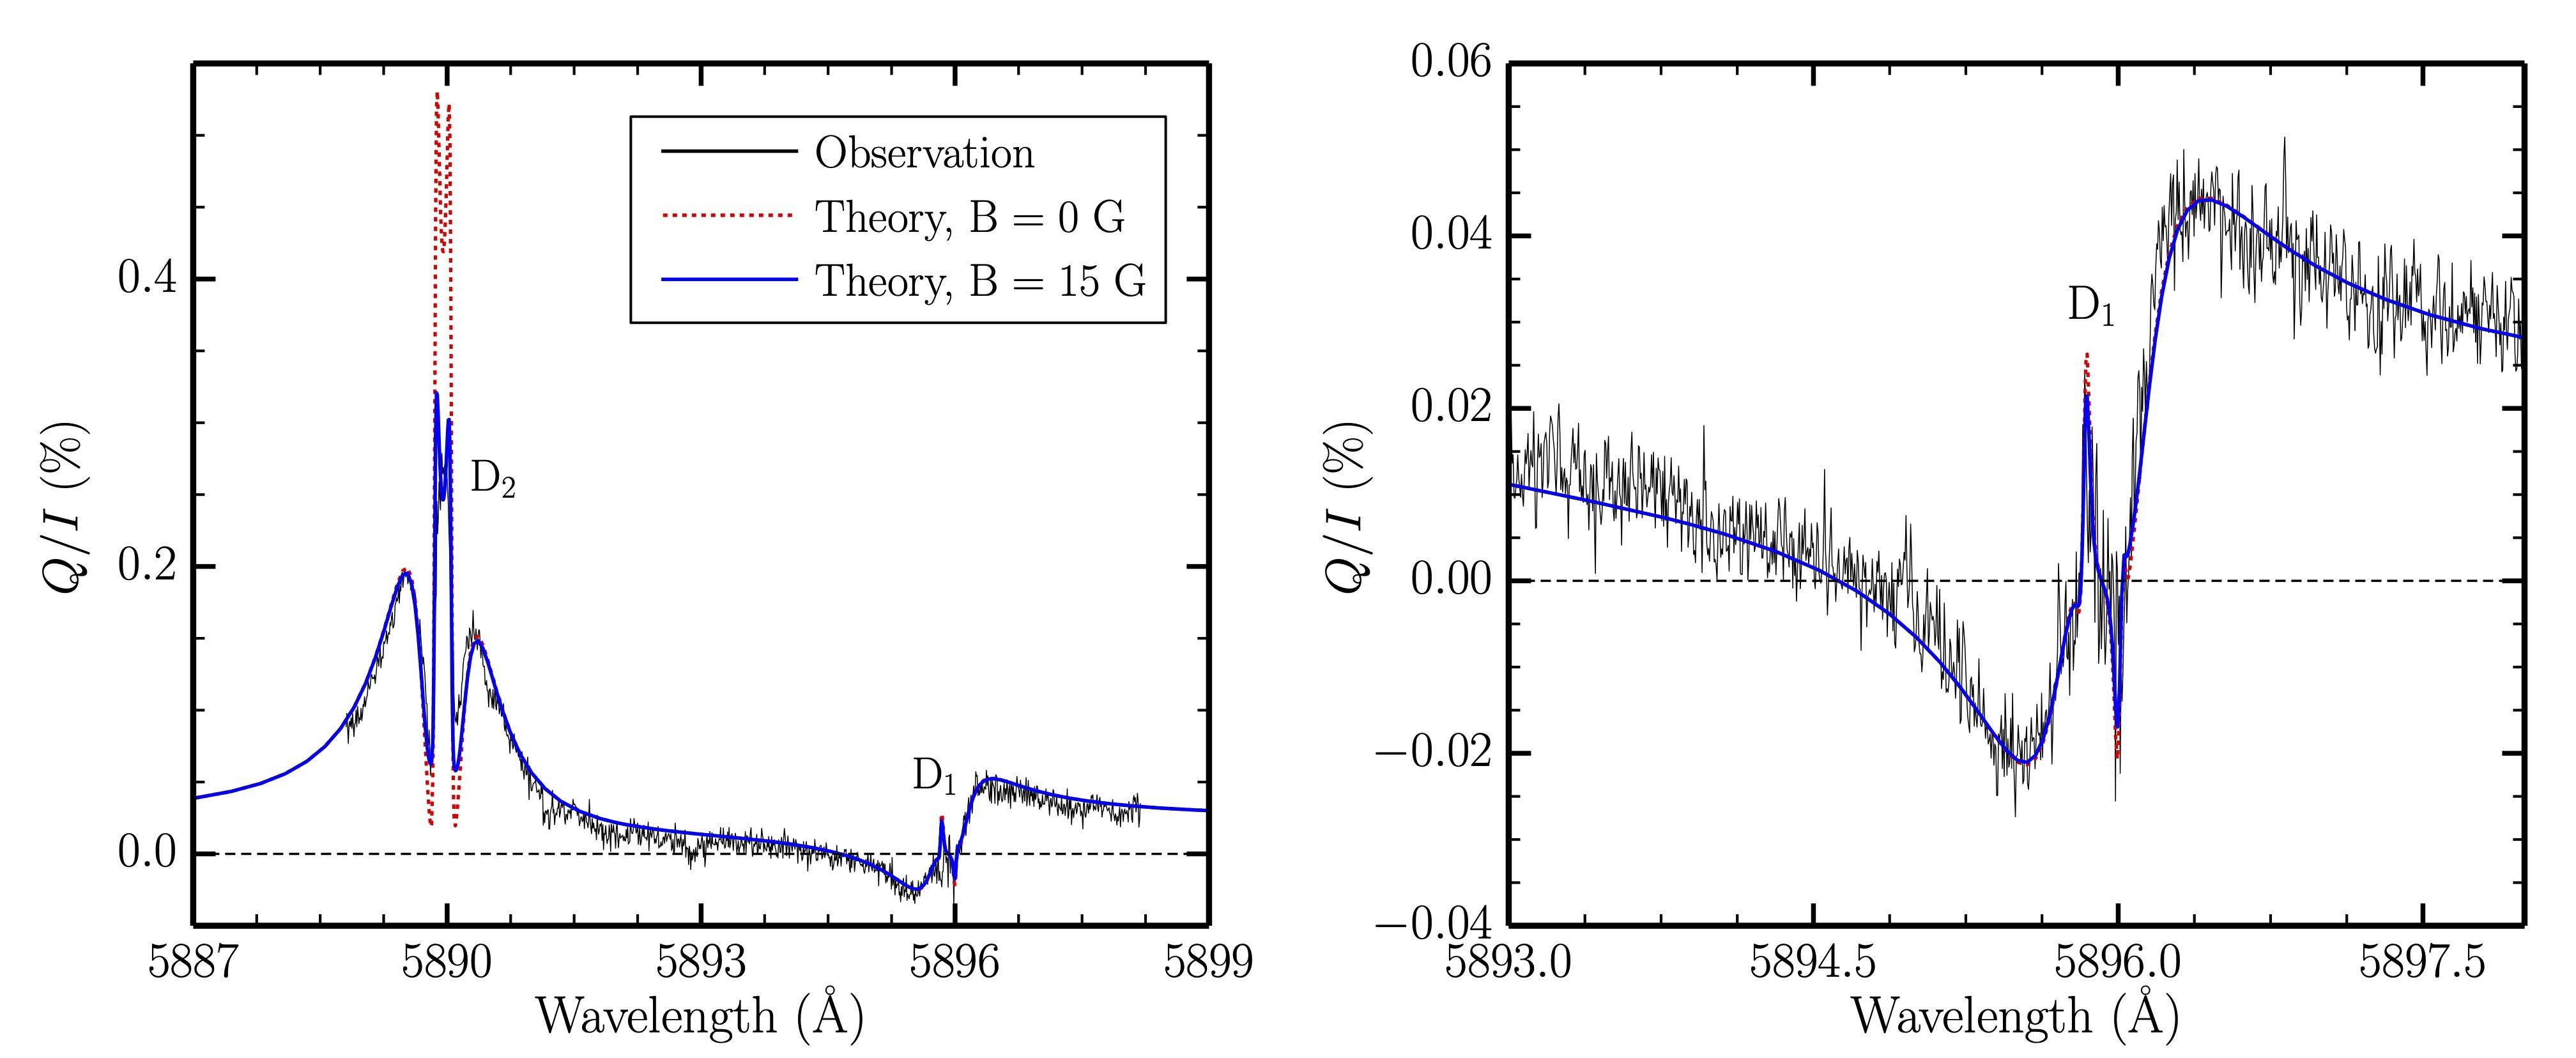 Cientistas solucionam paradoxo da física solar de 2 décadas (Foto: Reprodução/Instituto de Astrofísica de Canárias)